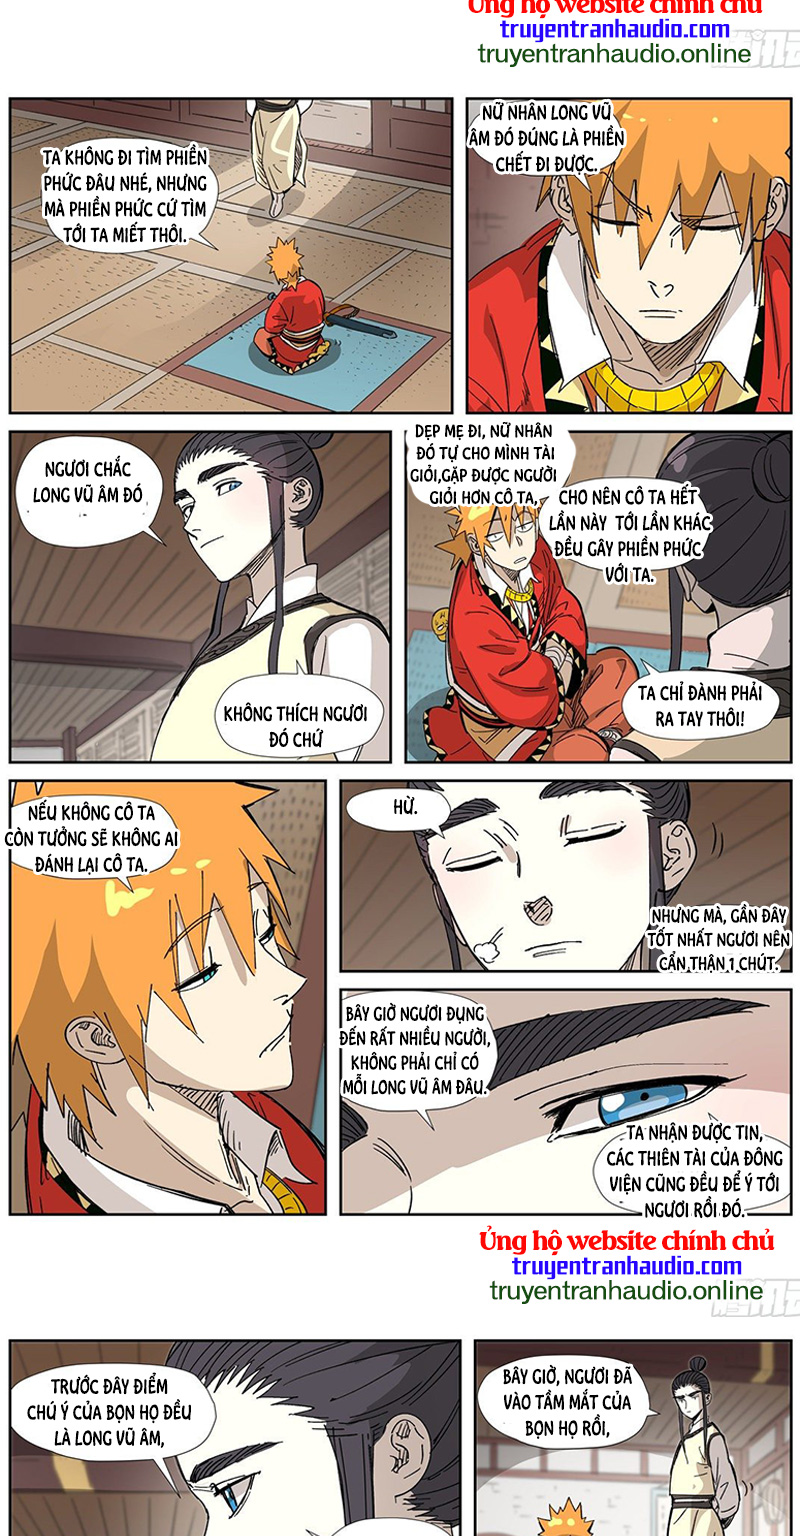 Yêu Thần Ký Chương 324 - Truyentranhaudio.online